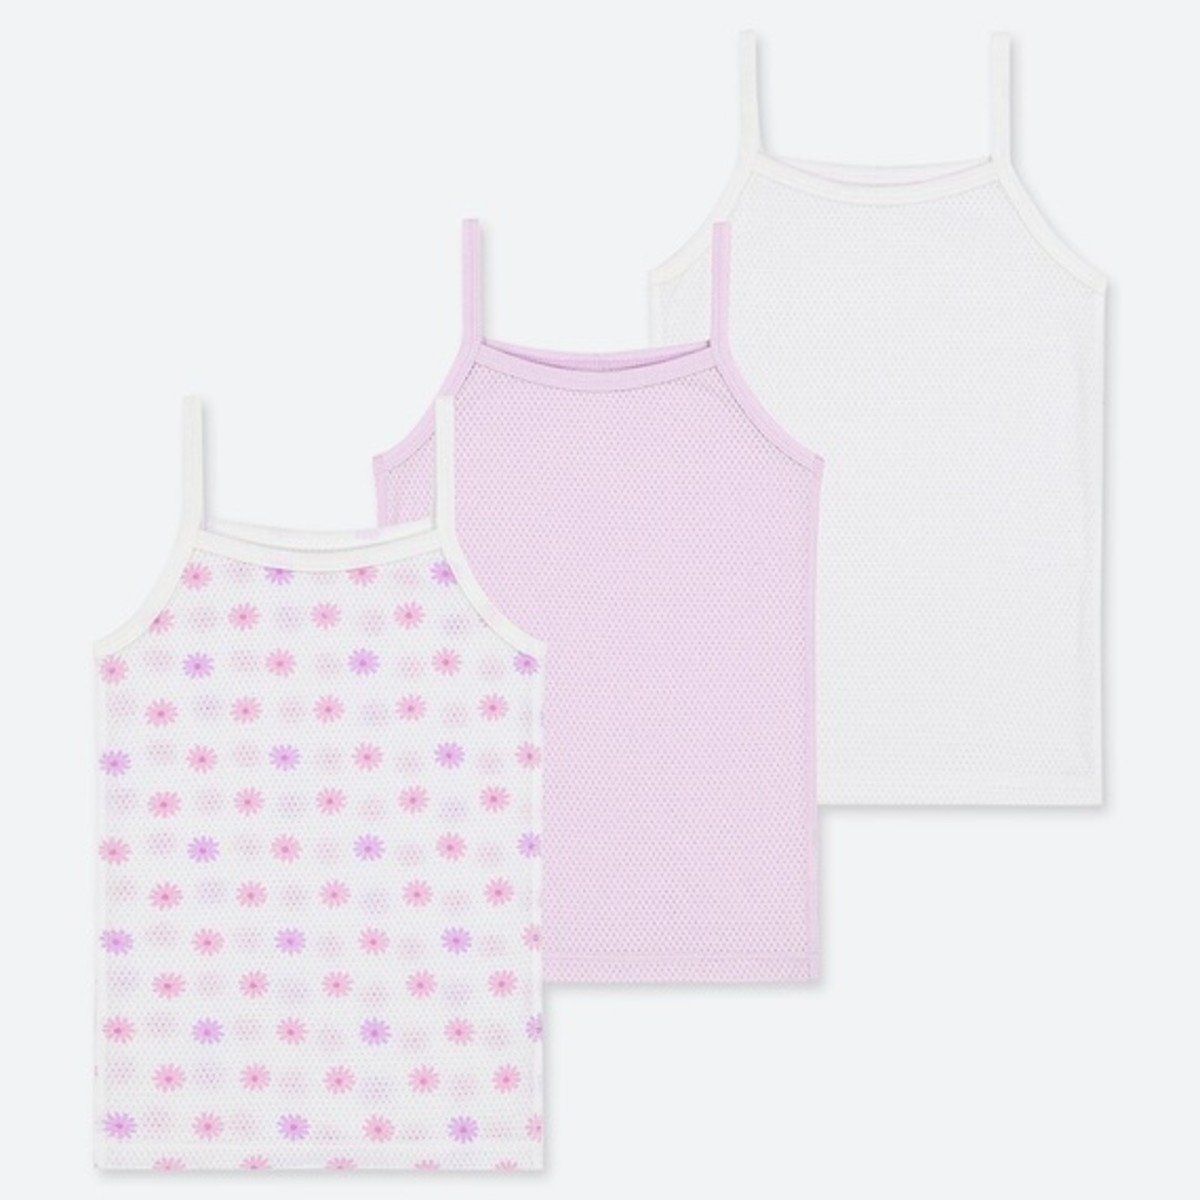 5b5ff8df47365 ユニクロ暑さが本格的になってきたら、インナーを袖なしタイプに変更しておくと涼しく過ごせるのでおすすめです。子供は大人よりも体温が高いため、4月の入園後から  ...